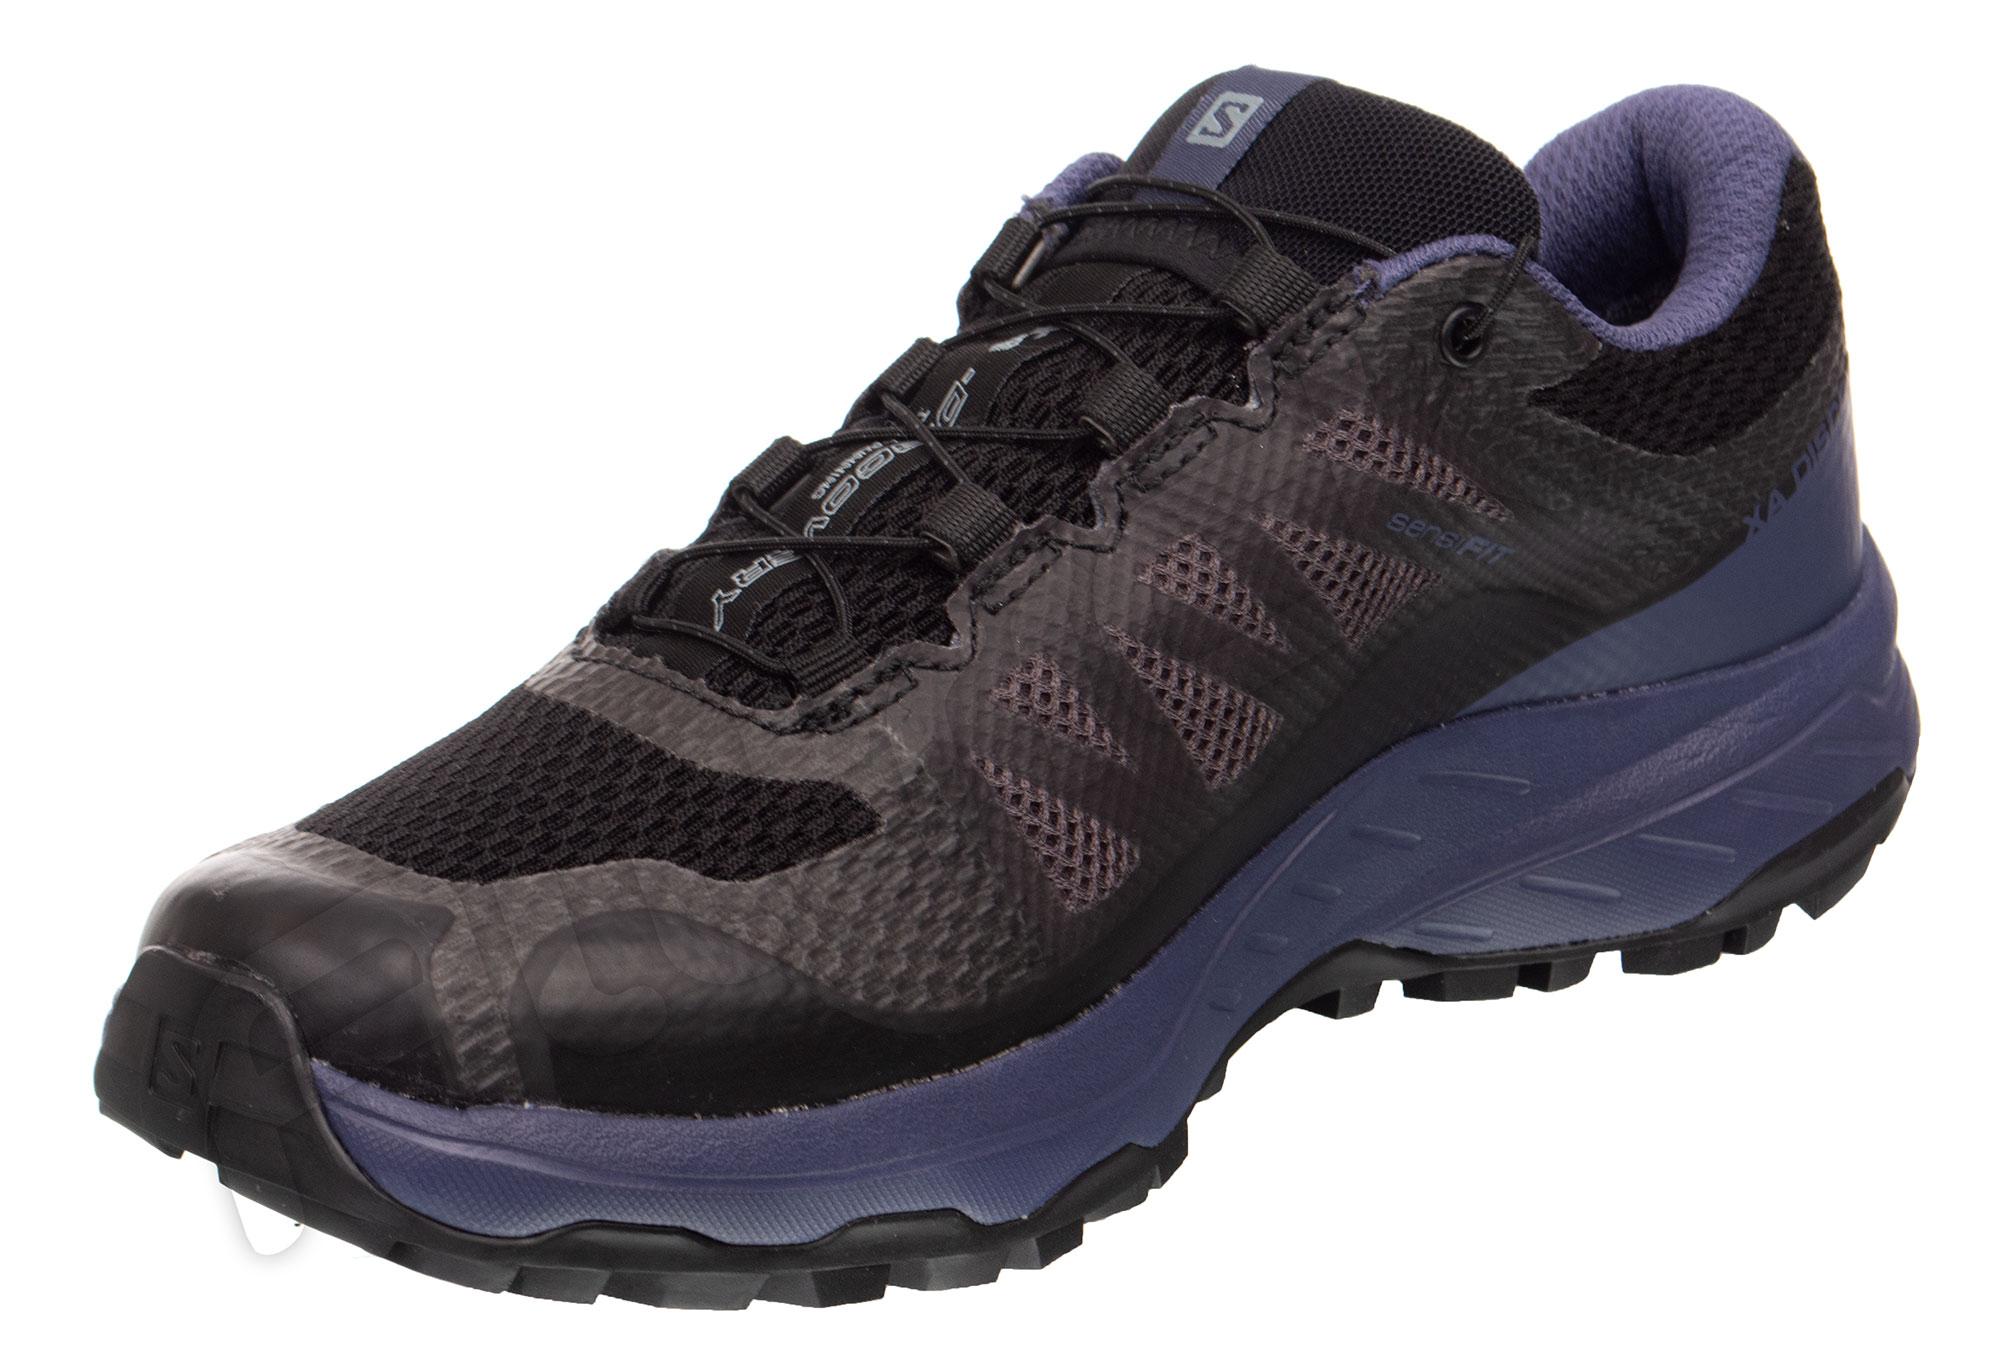 Chaussures de Trail Femme Salomon XA Discovery GTX Noir